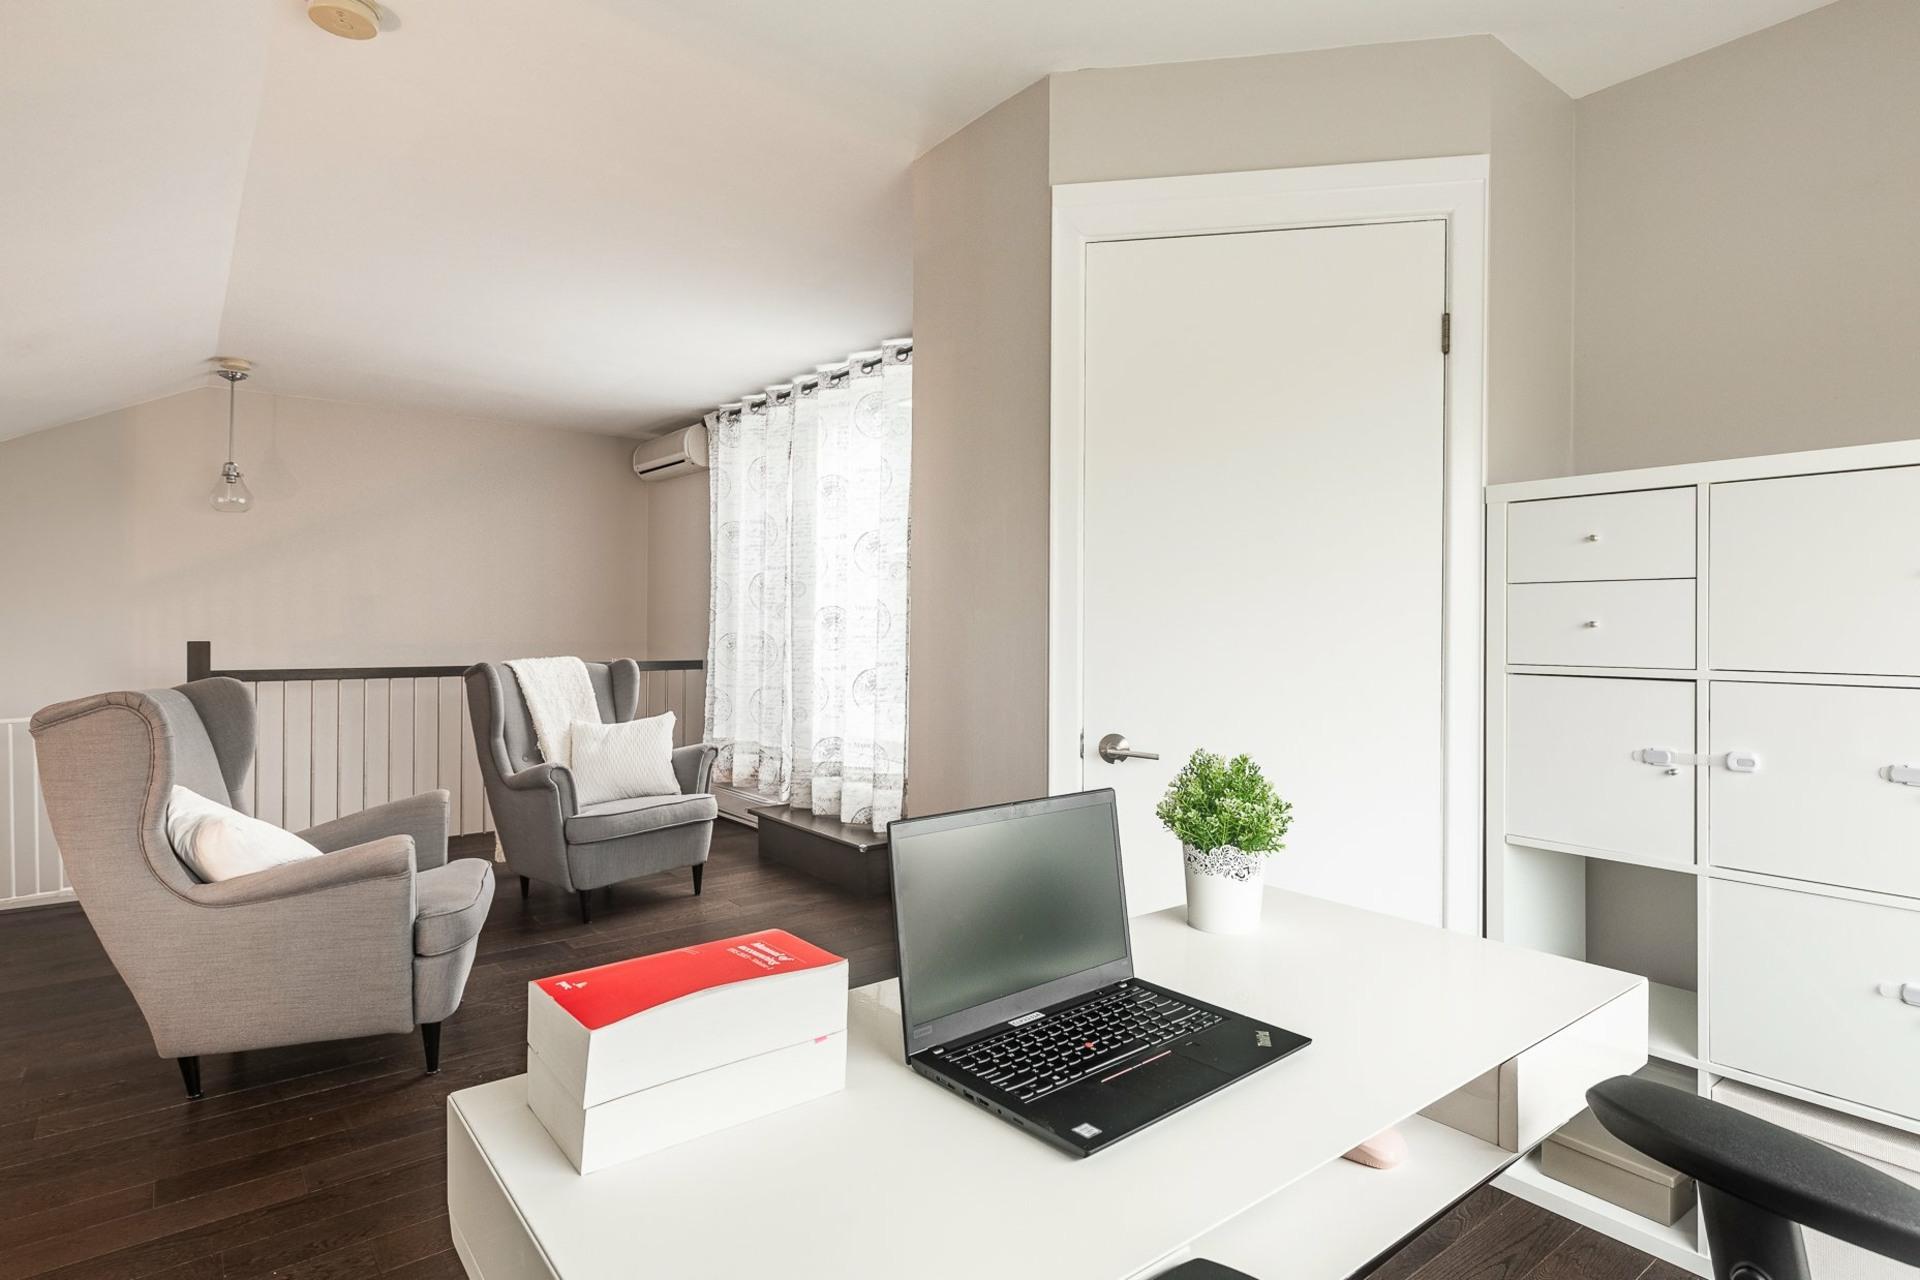 image 17 - Apartment For sale Verdun/Île-des-Soeurs Montréal  - 5 rooms